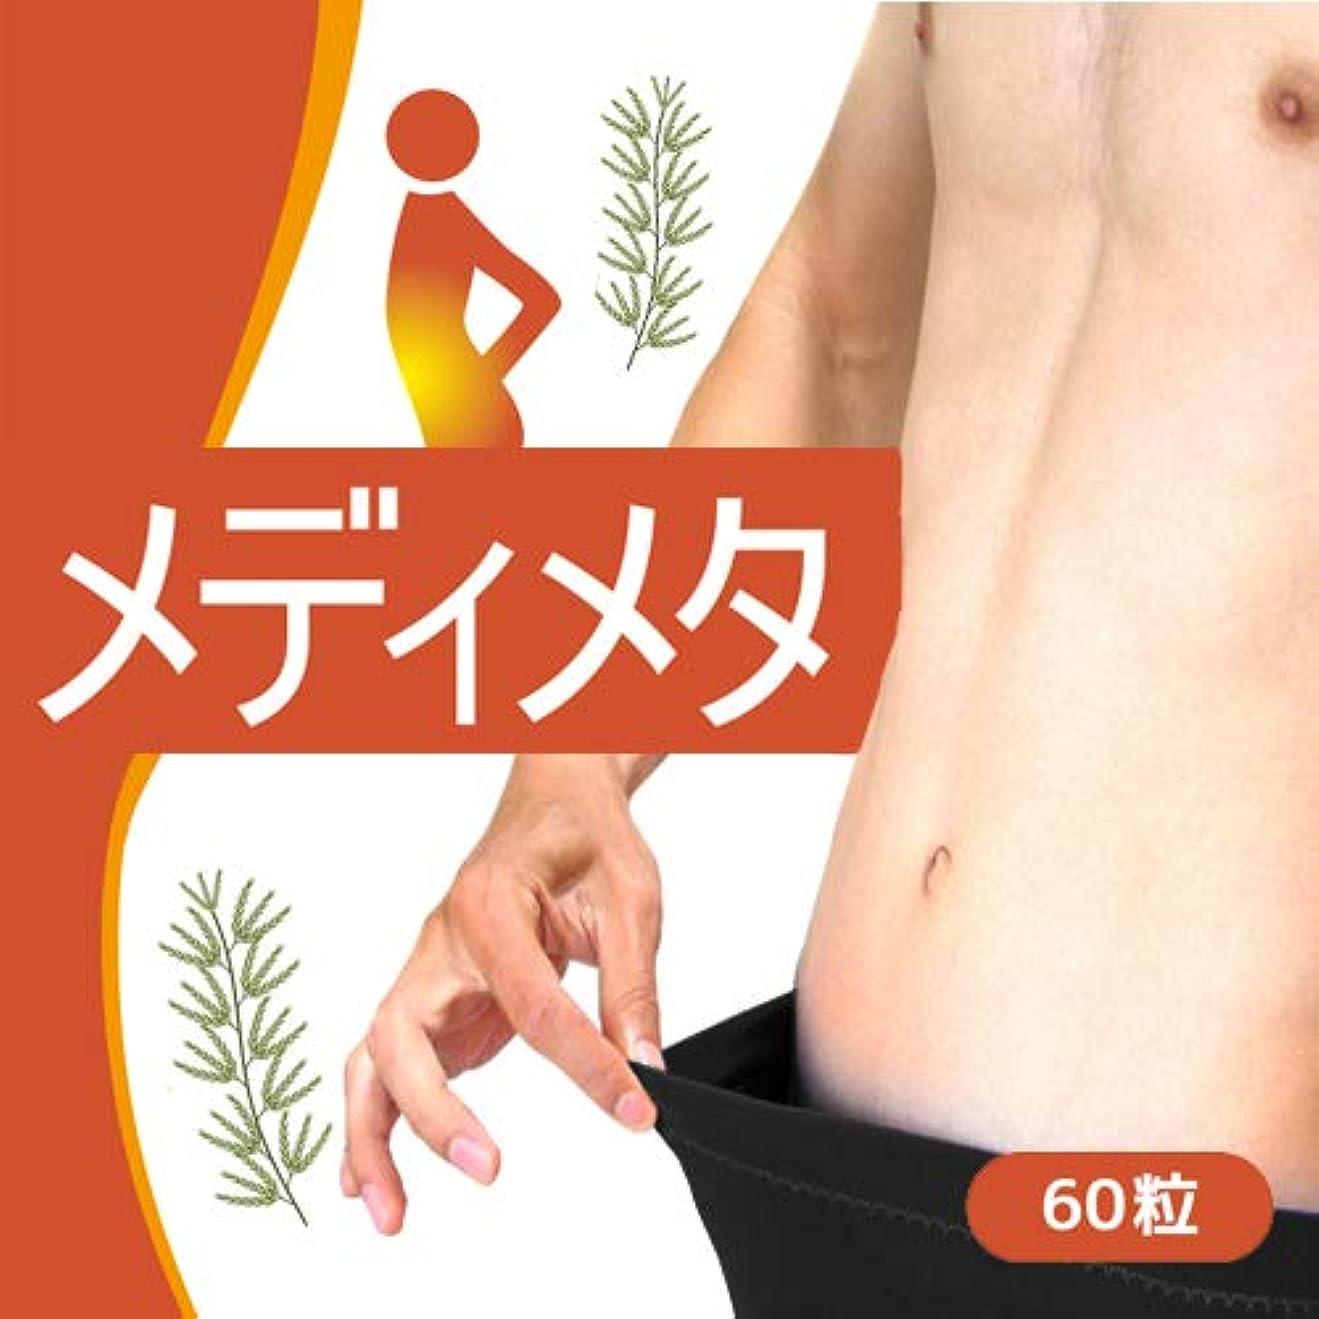 品種接続された伝染性【※正規品※大特価でご提供!!】メディメタ (5)